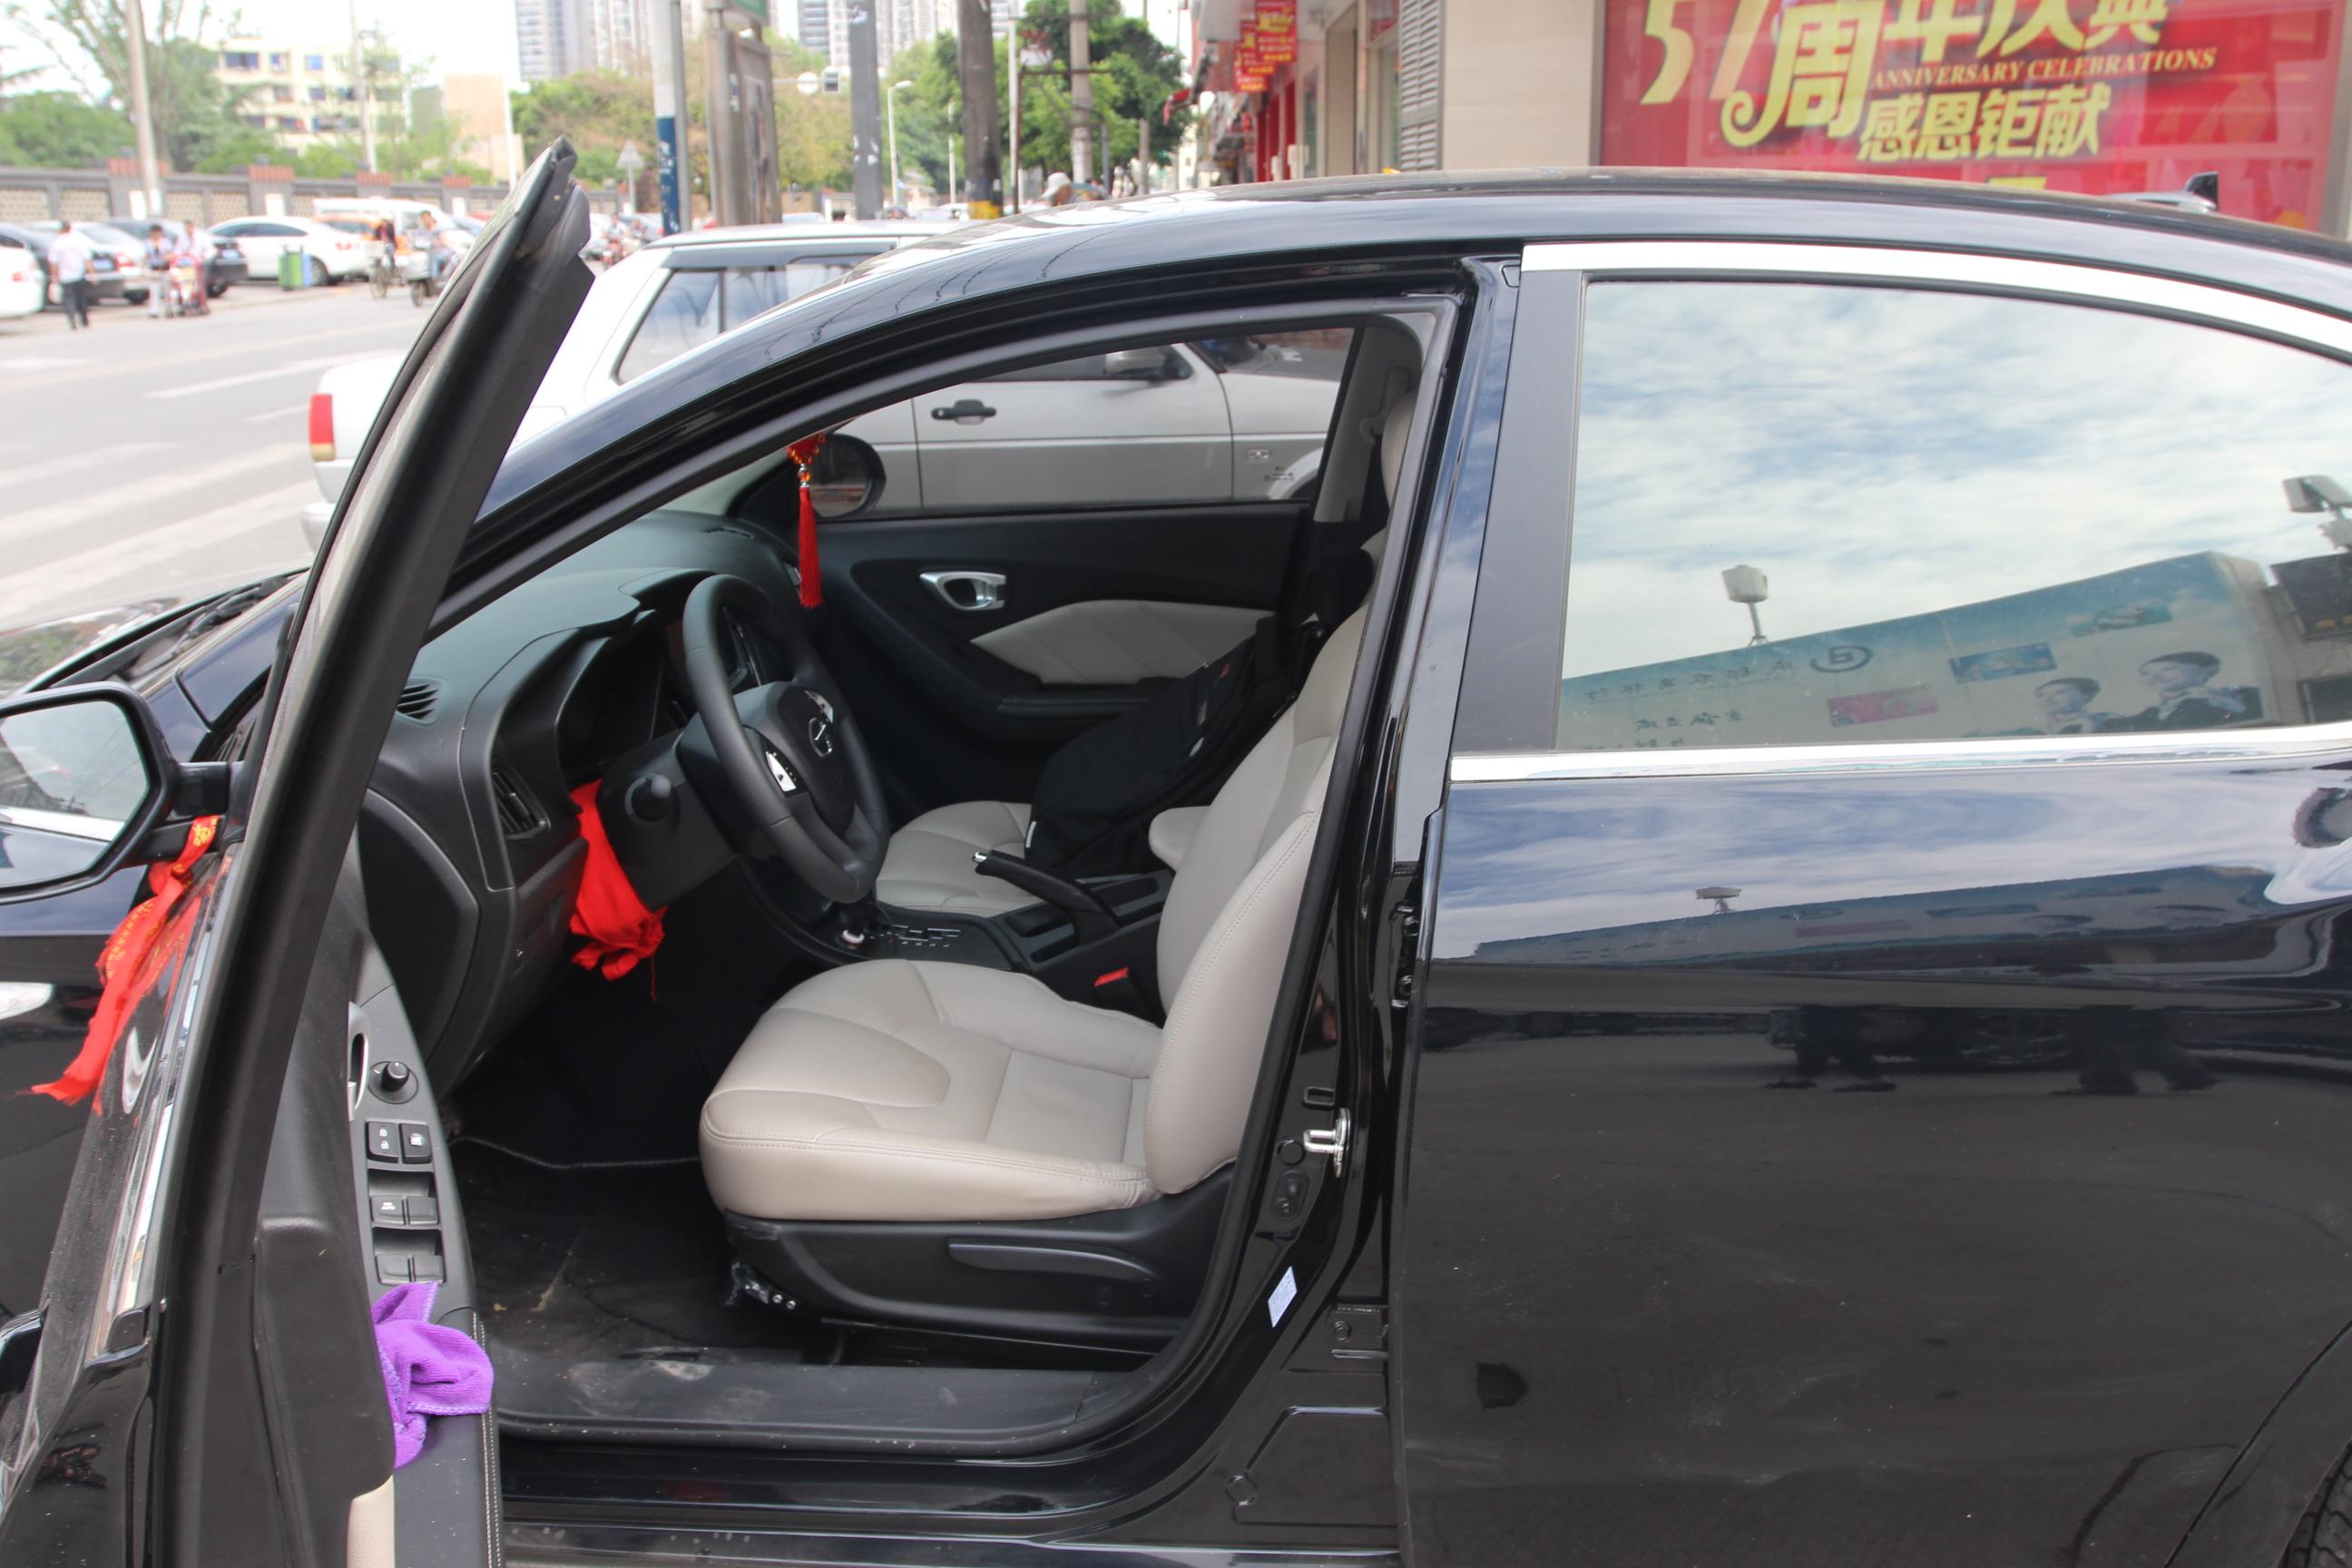 成都二手广汽乘用车 传祺ga3 高清图片